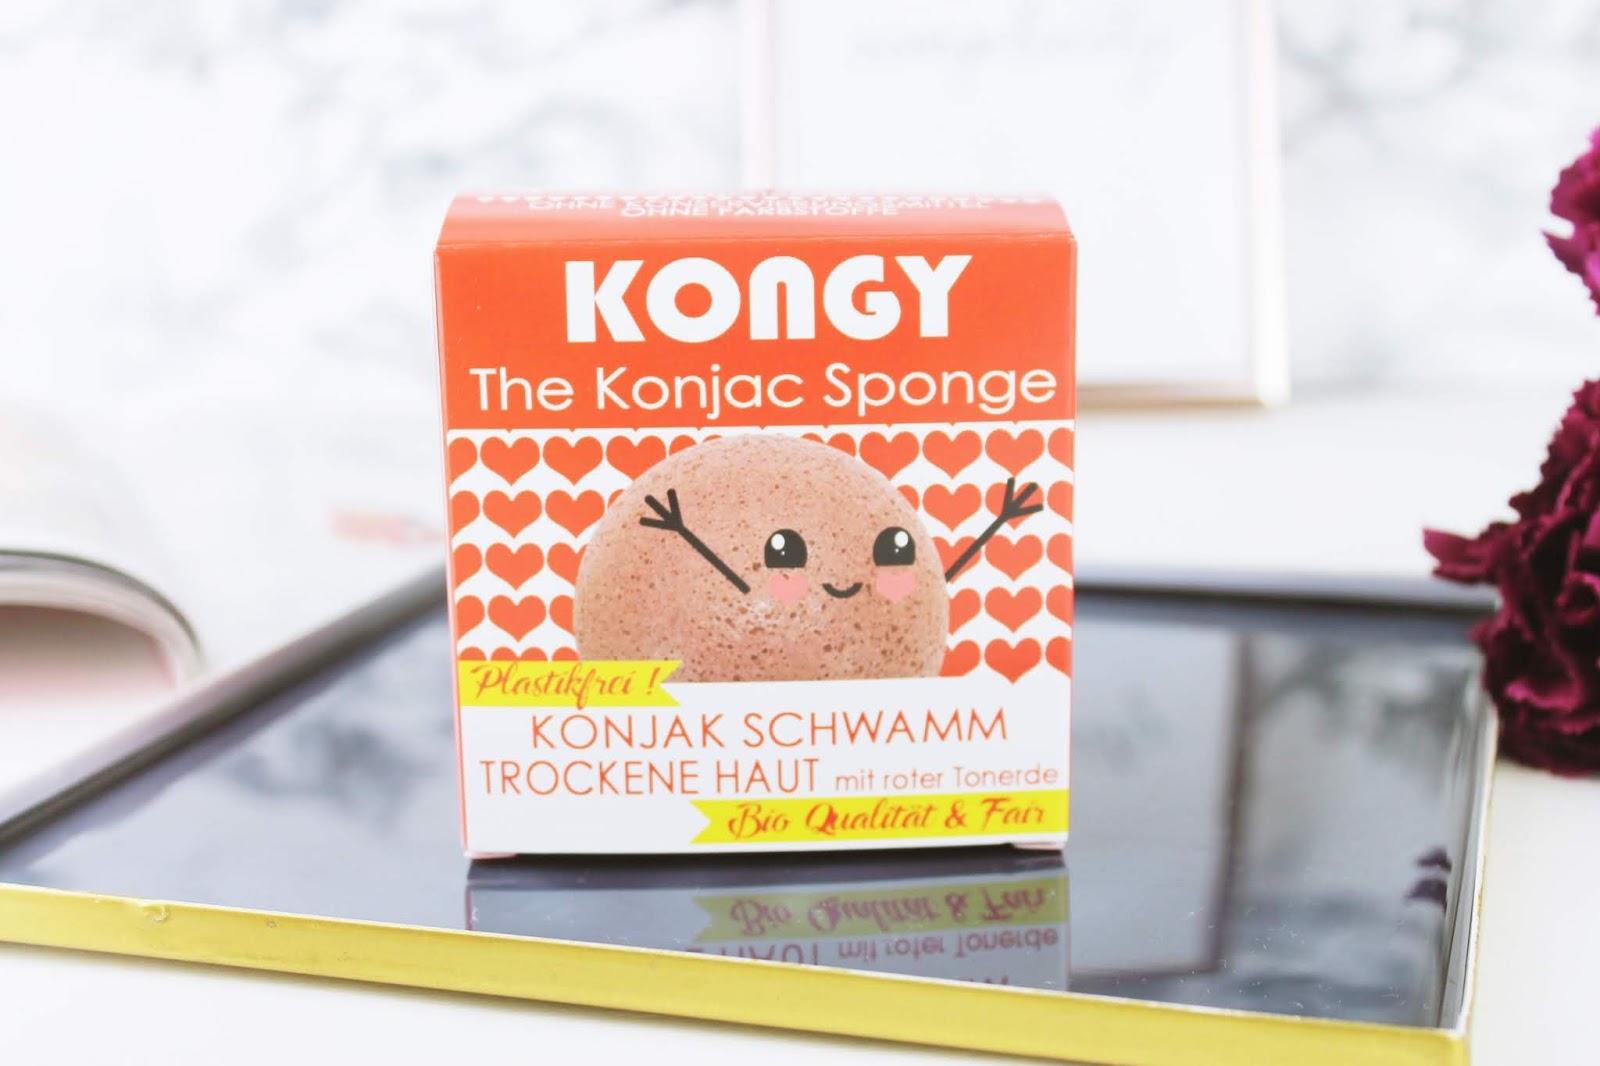 Konjac Schwamm von Kongy